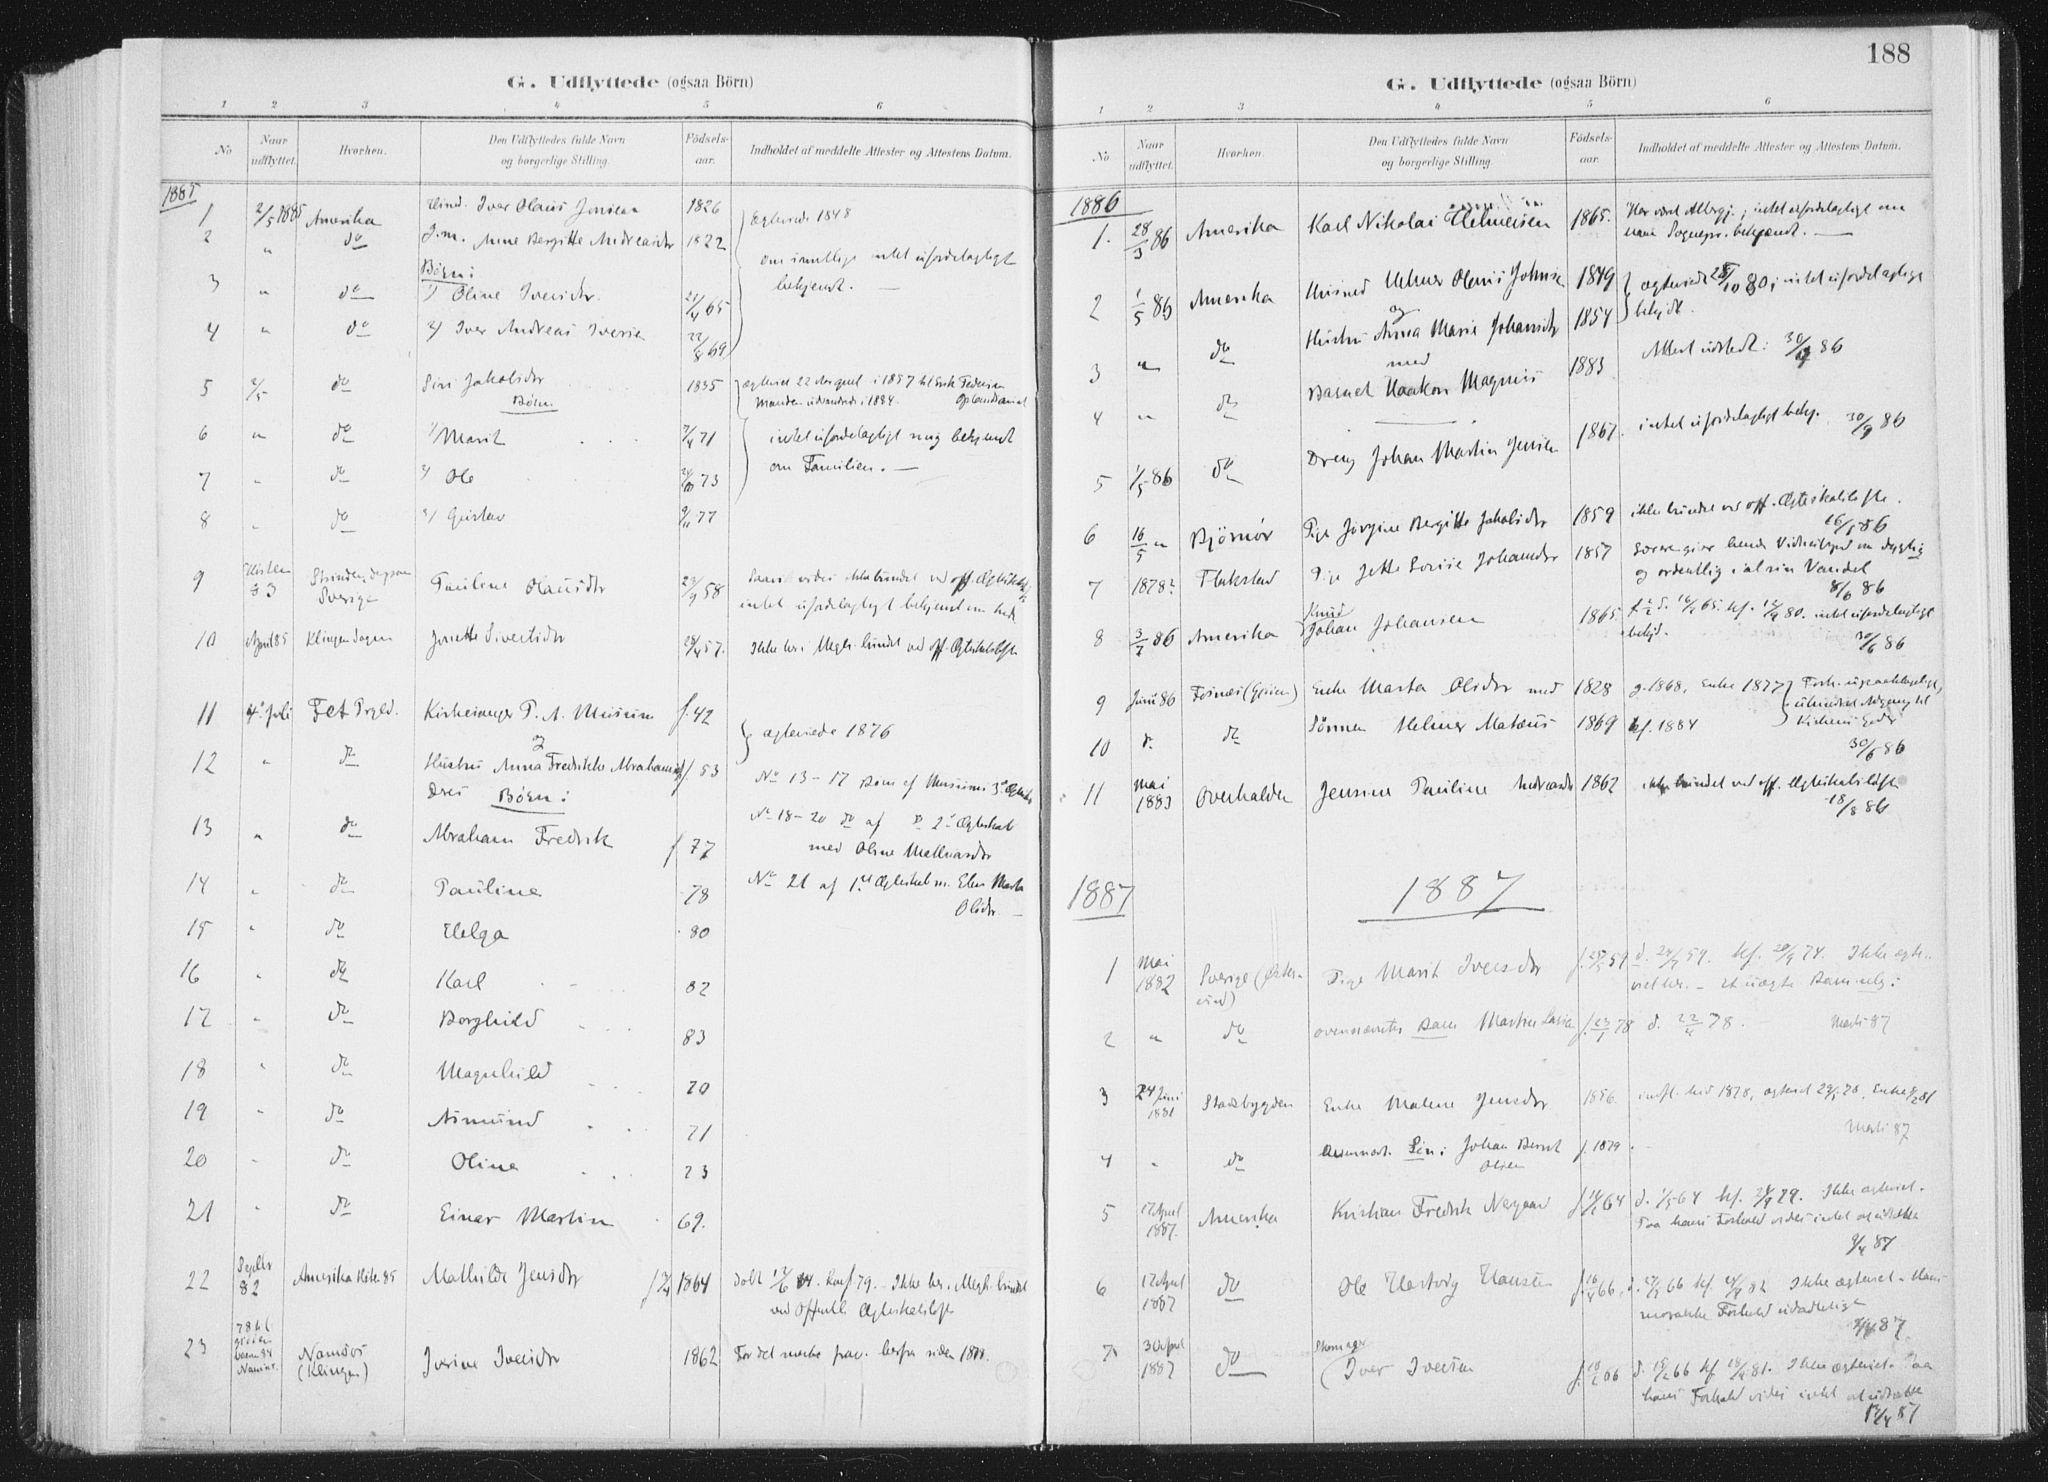 SAT, Ministerialprotokoller, klokkerbøker og fødselsregistre - Nord-Trøndelag, 771/L0597: Ministerialbok nr. 771A04, 1885-1910, s. 188